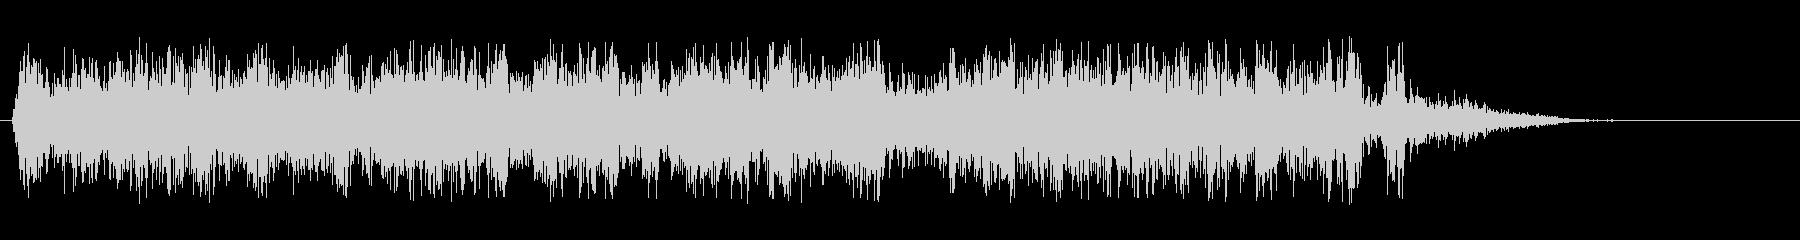 シューウァという爽やかな効果音の未再生の波形